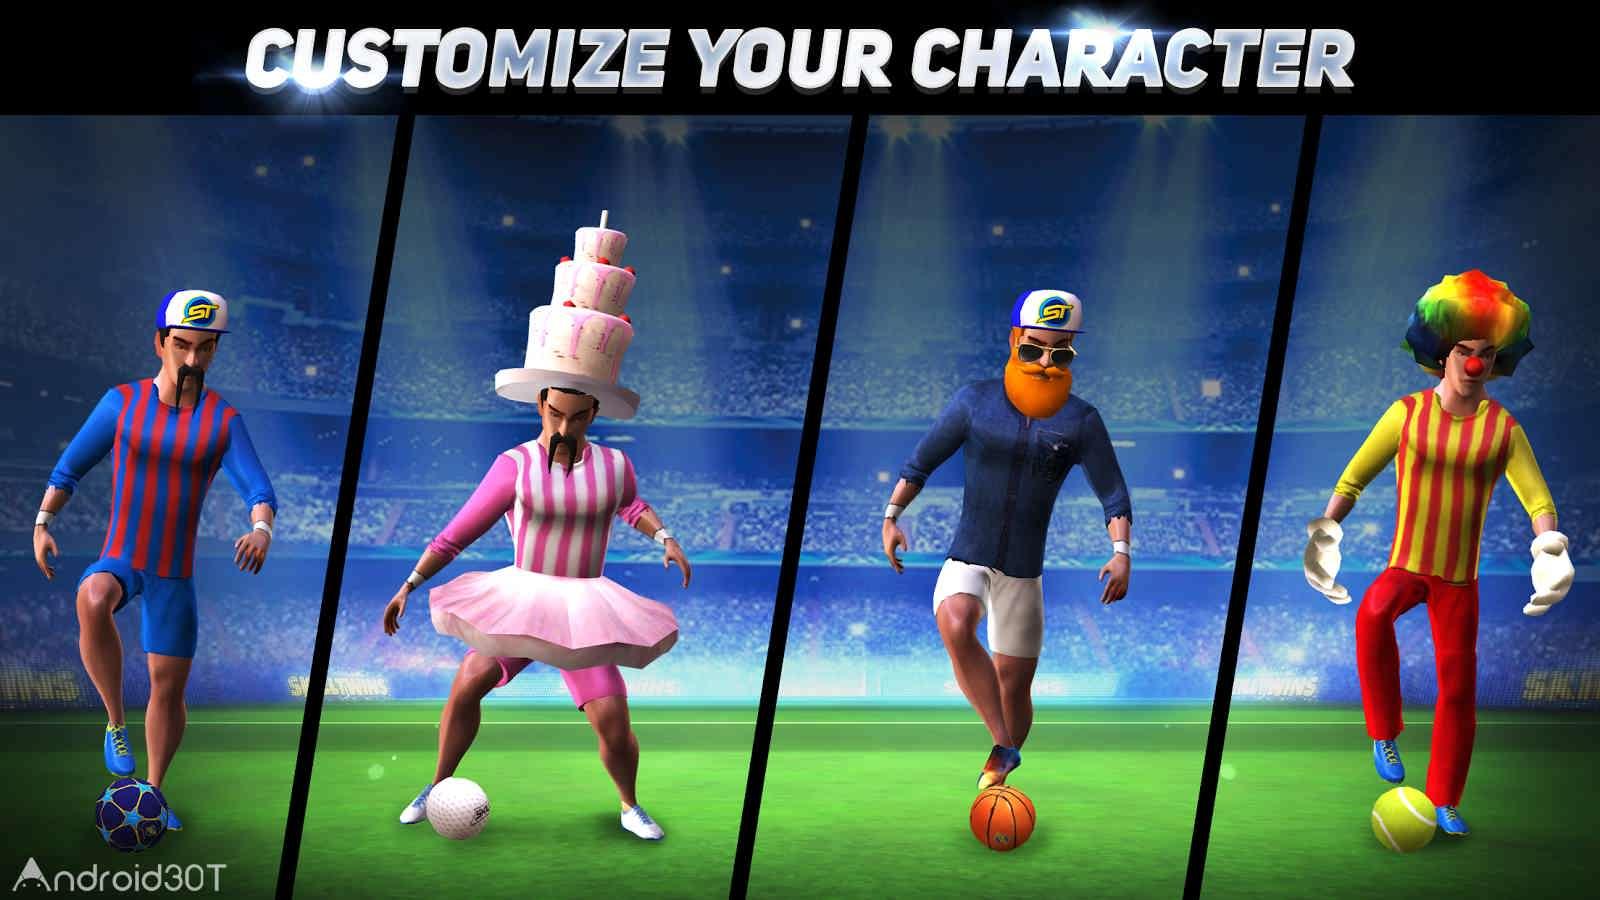 دانلود SkillTwins Football Game 2 v1.3 – بازی پرطرفدار فوتبال دوقلوهای ماهر ۲ اندروید